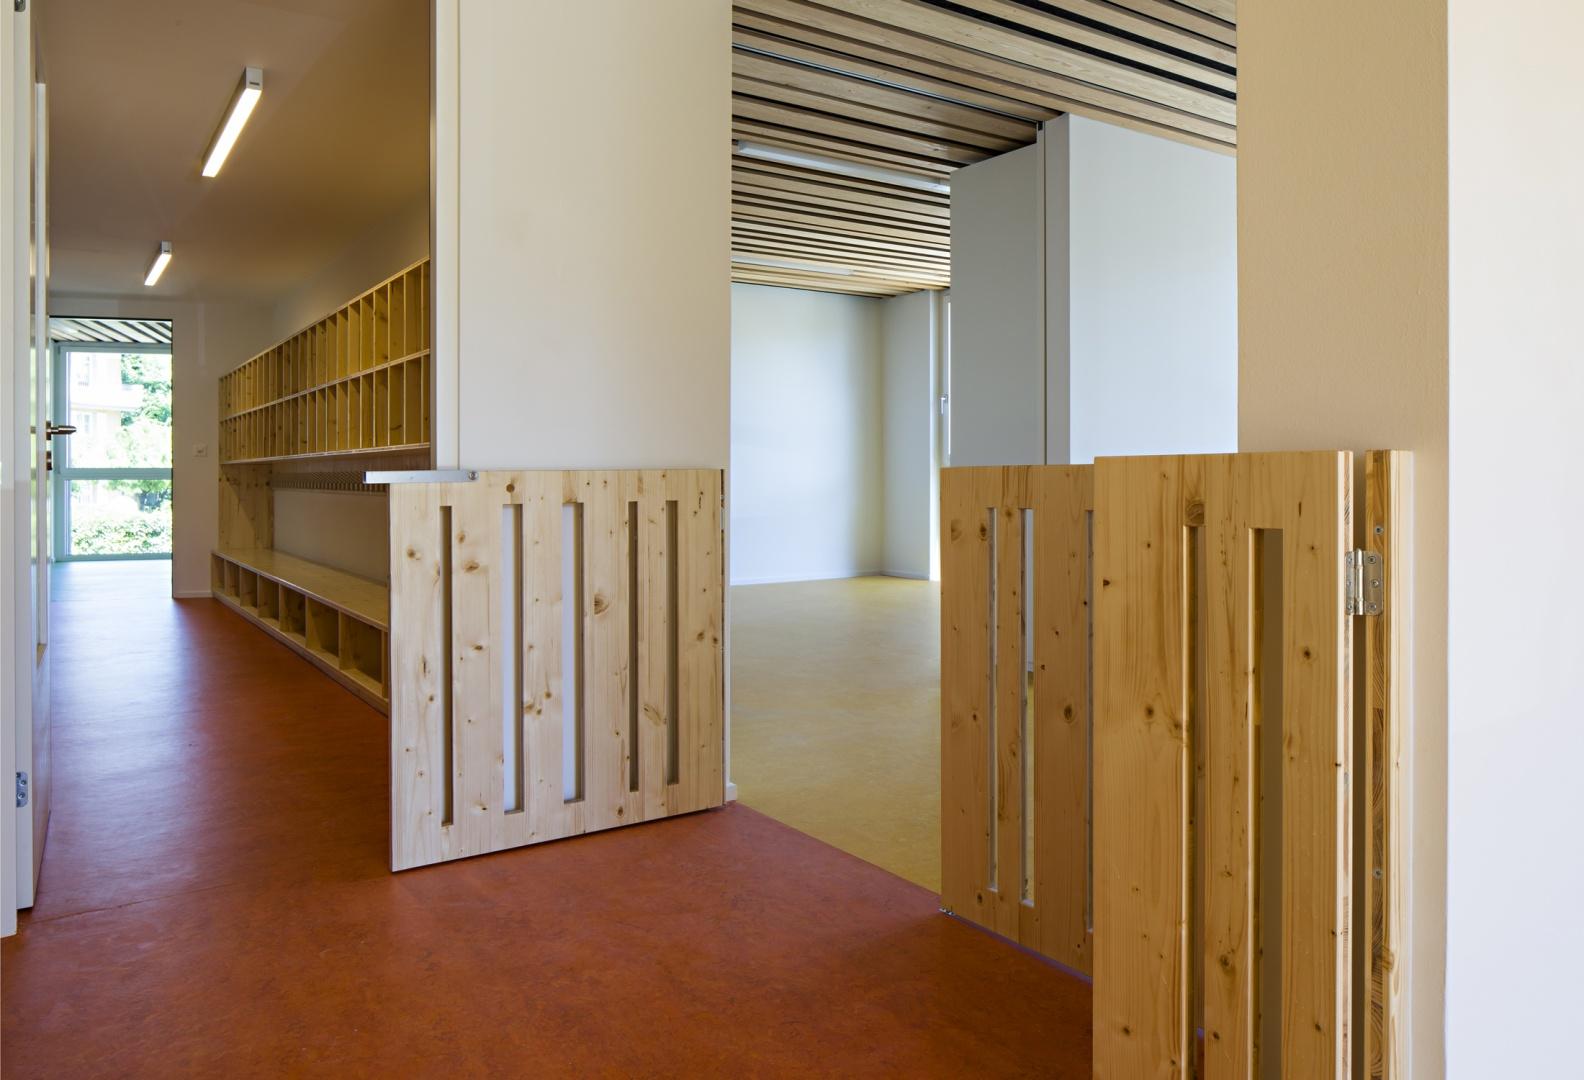 Immeuble mixte diablerets 11 lausanne documentation for Dce batiment